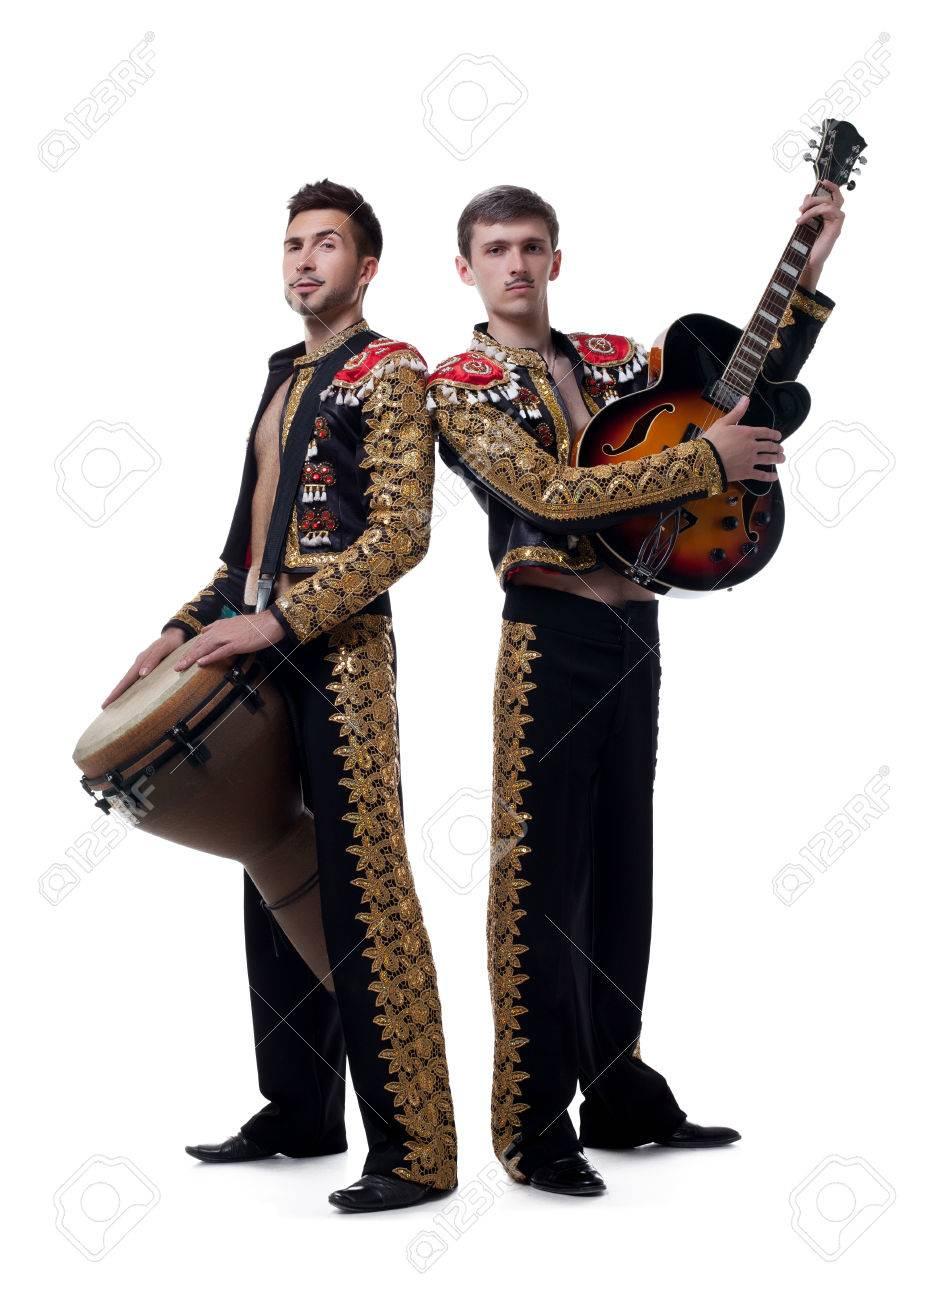 Os reto a poner una foto que supere a esta 2.0 - Página 19 38616151-image-of-handsome-musicians-dressed-as-spanish-macho